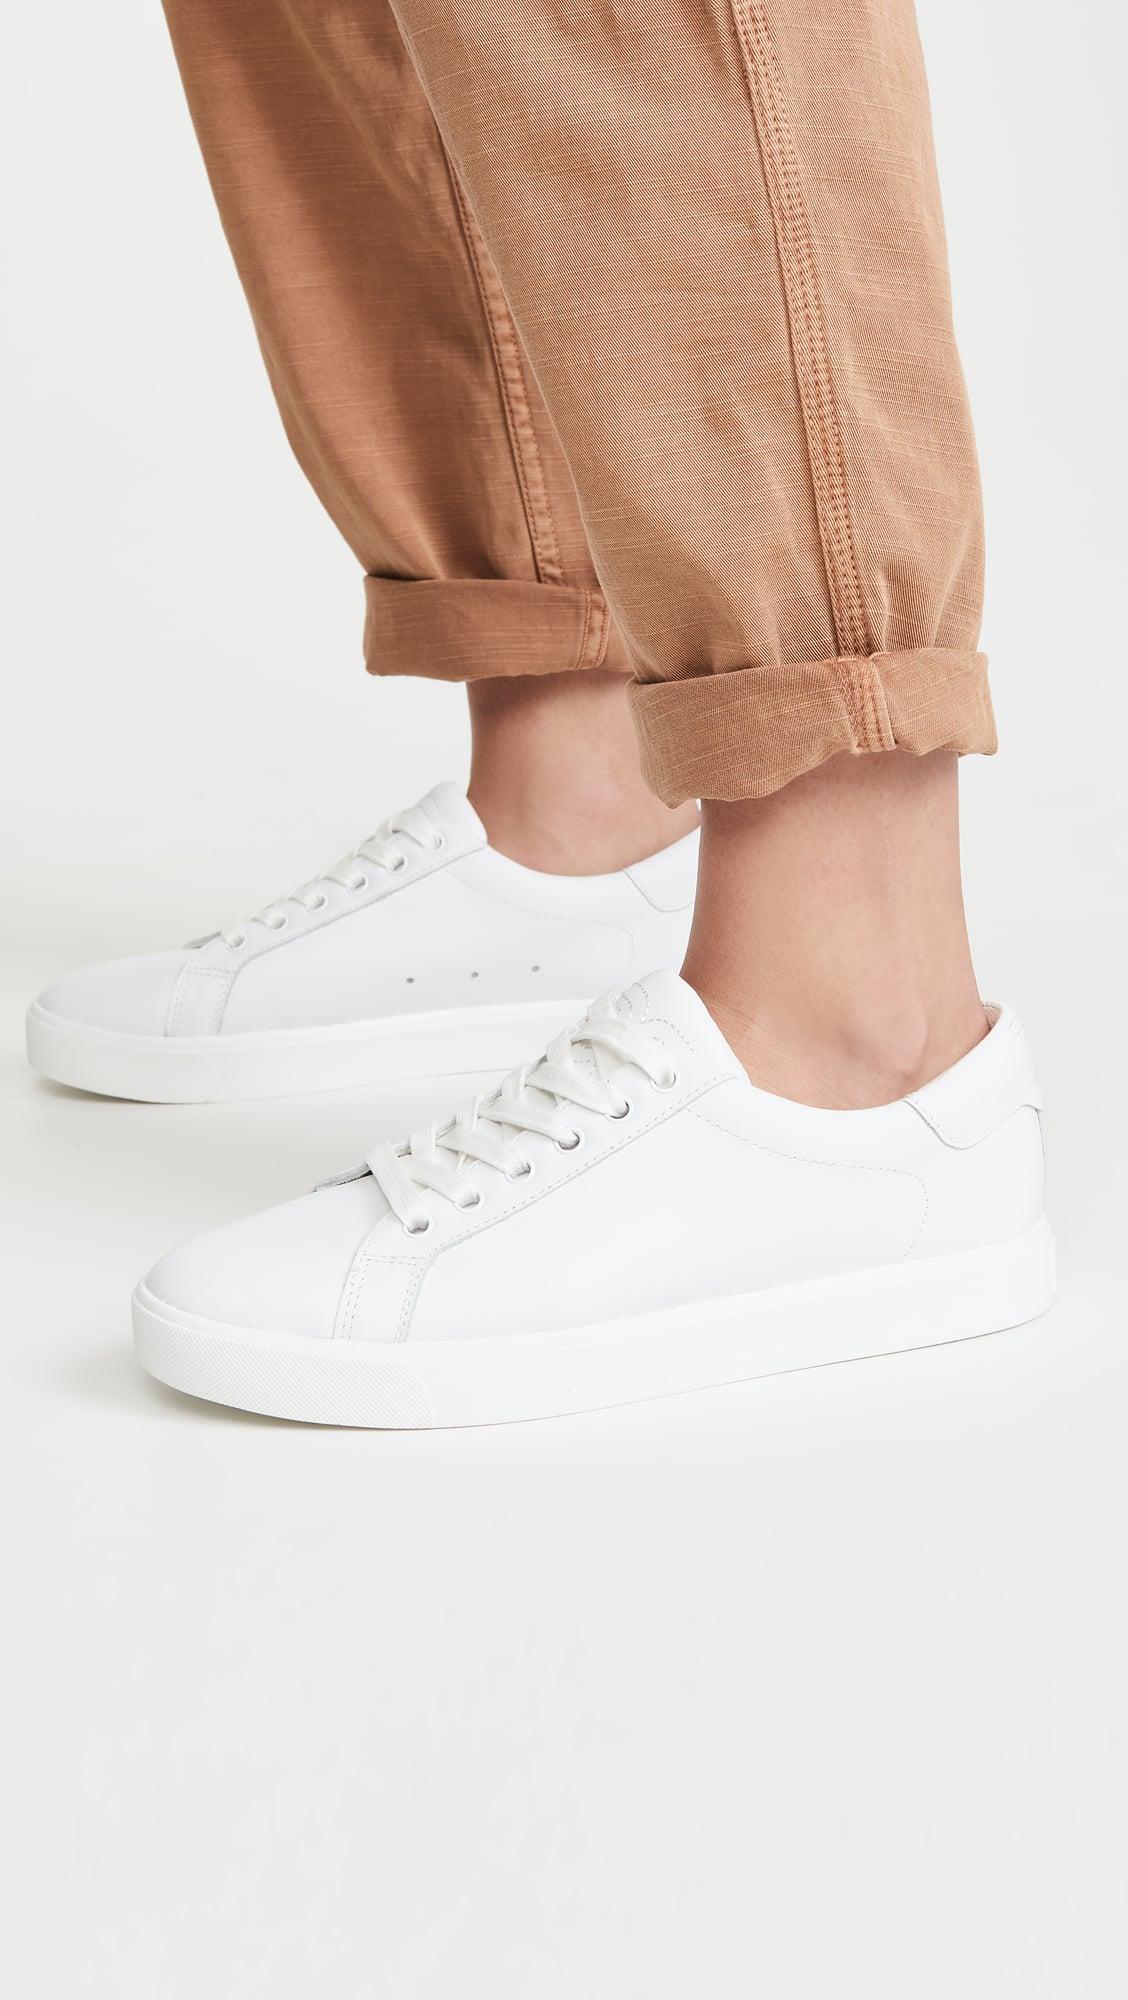 Sam Edelman Ethyl Sneakers | 19 Simple